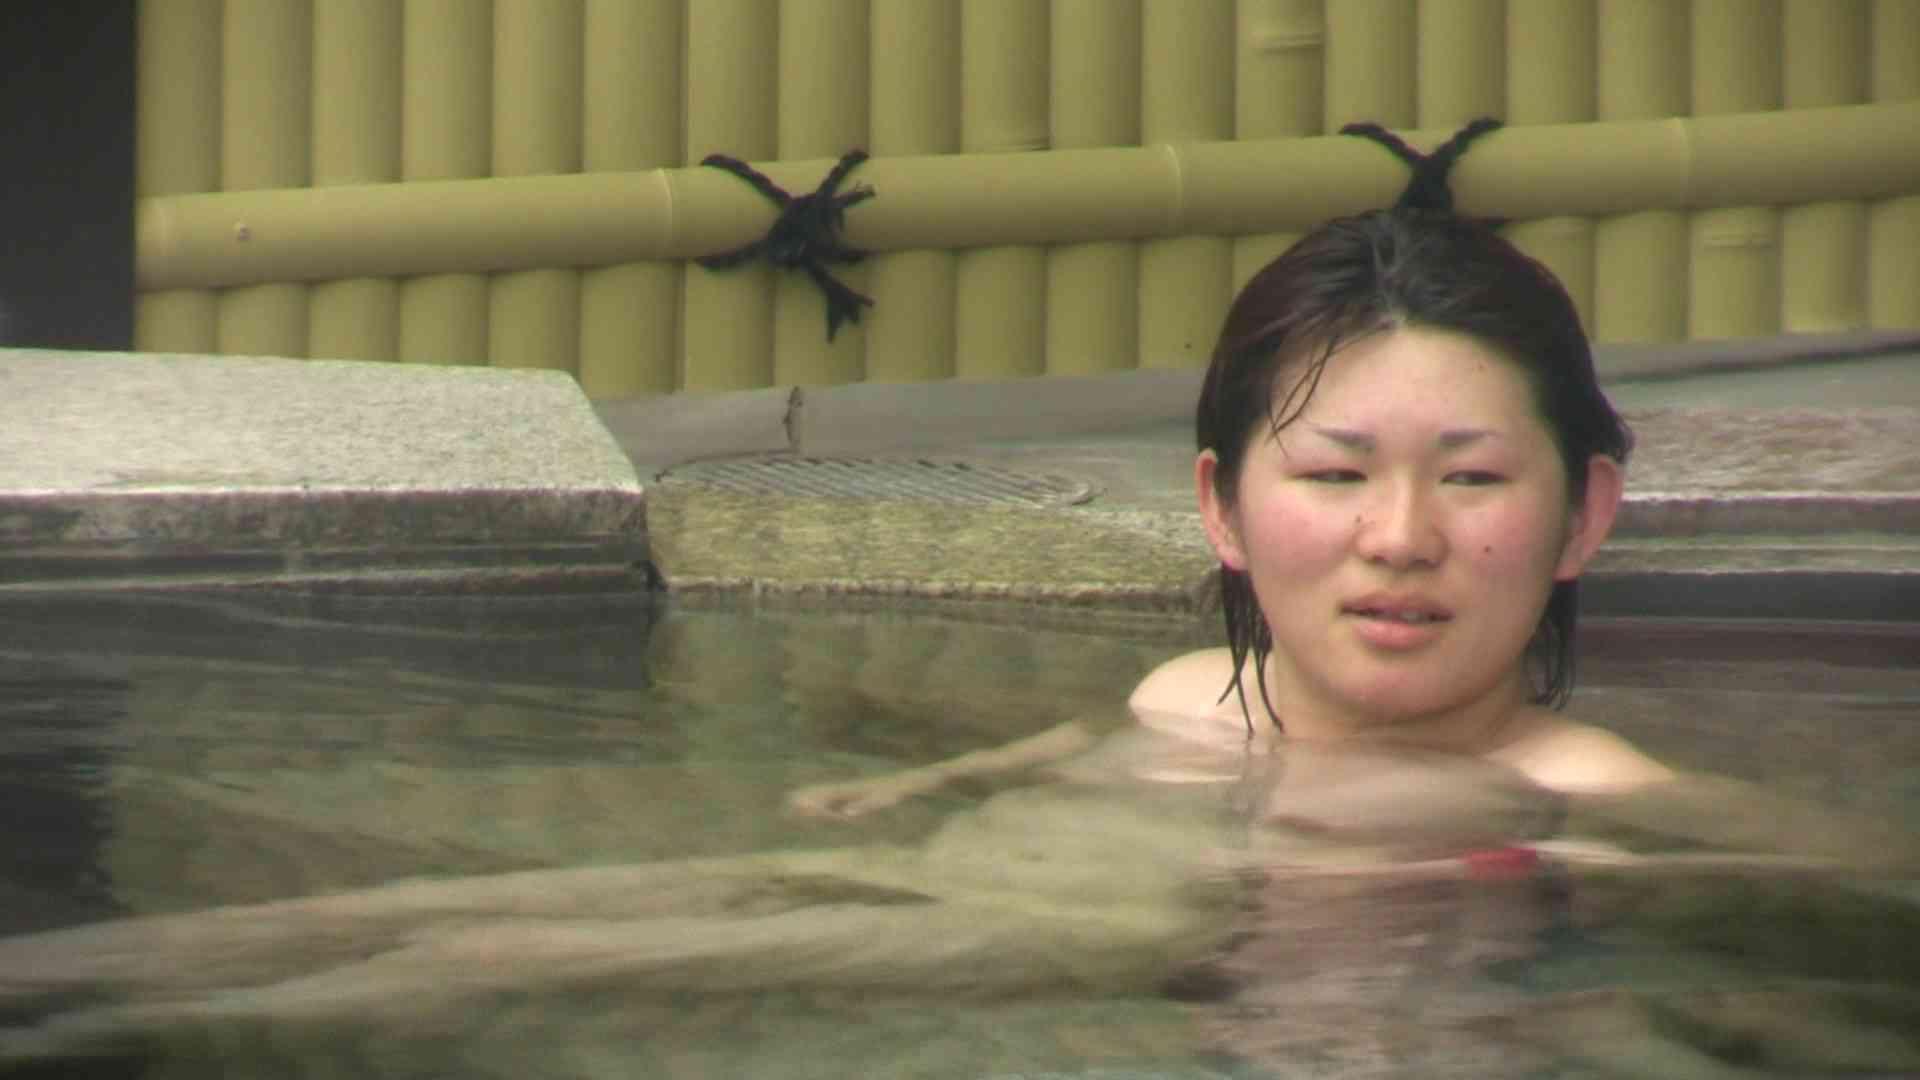 Aquaな露天風呂Vol.673 0   0  91pic 77